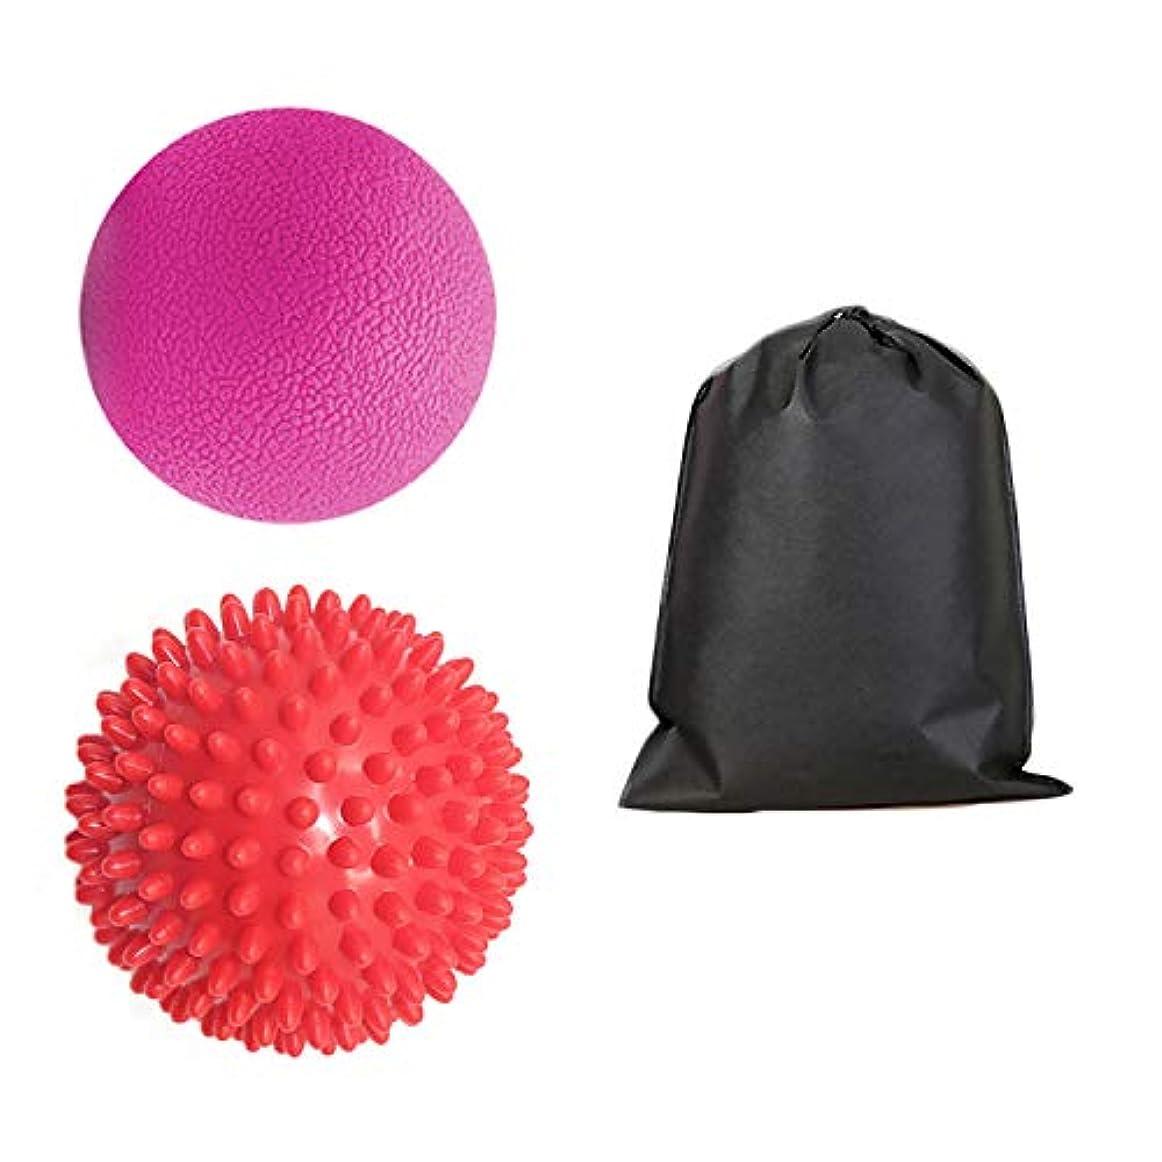 精算メキシコ病なMigavan 1個マッサージボールマッサージボールローラーマッサージボール+ 1袋スパイクマッサージローラーボールマッサージと収納バッグ